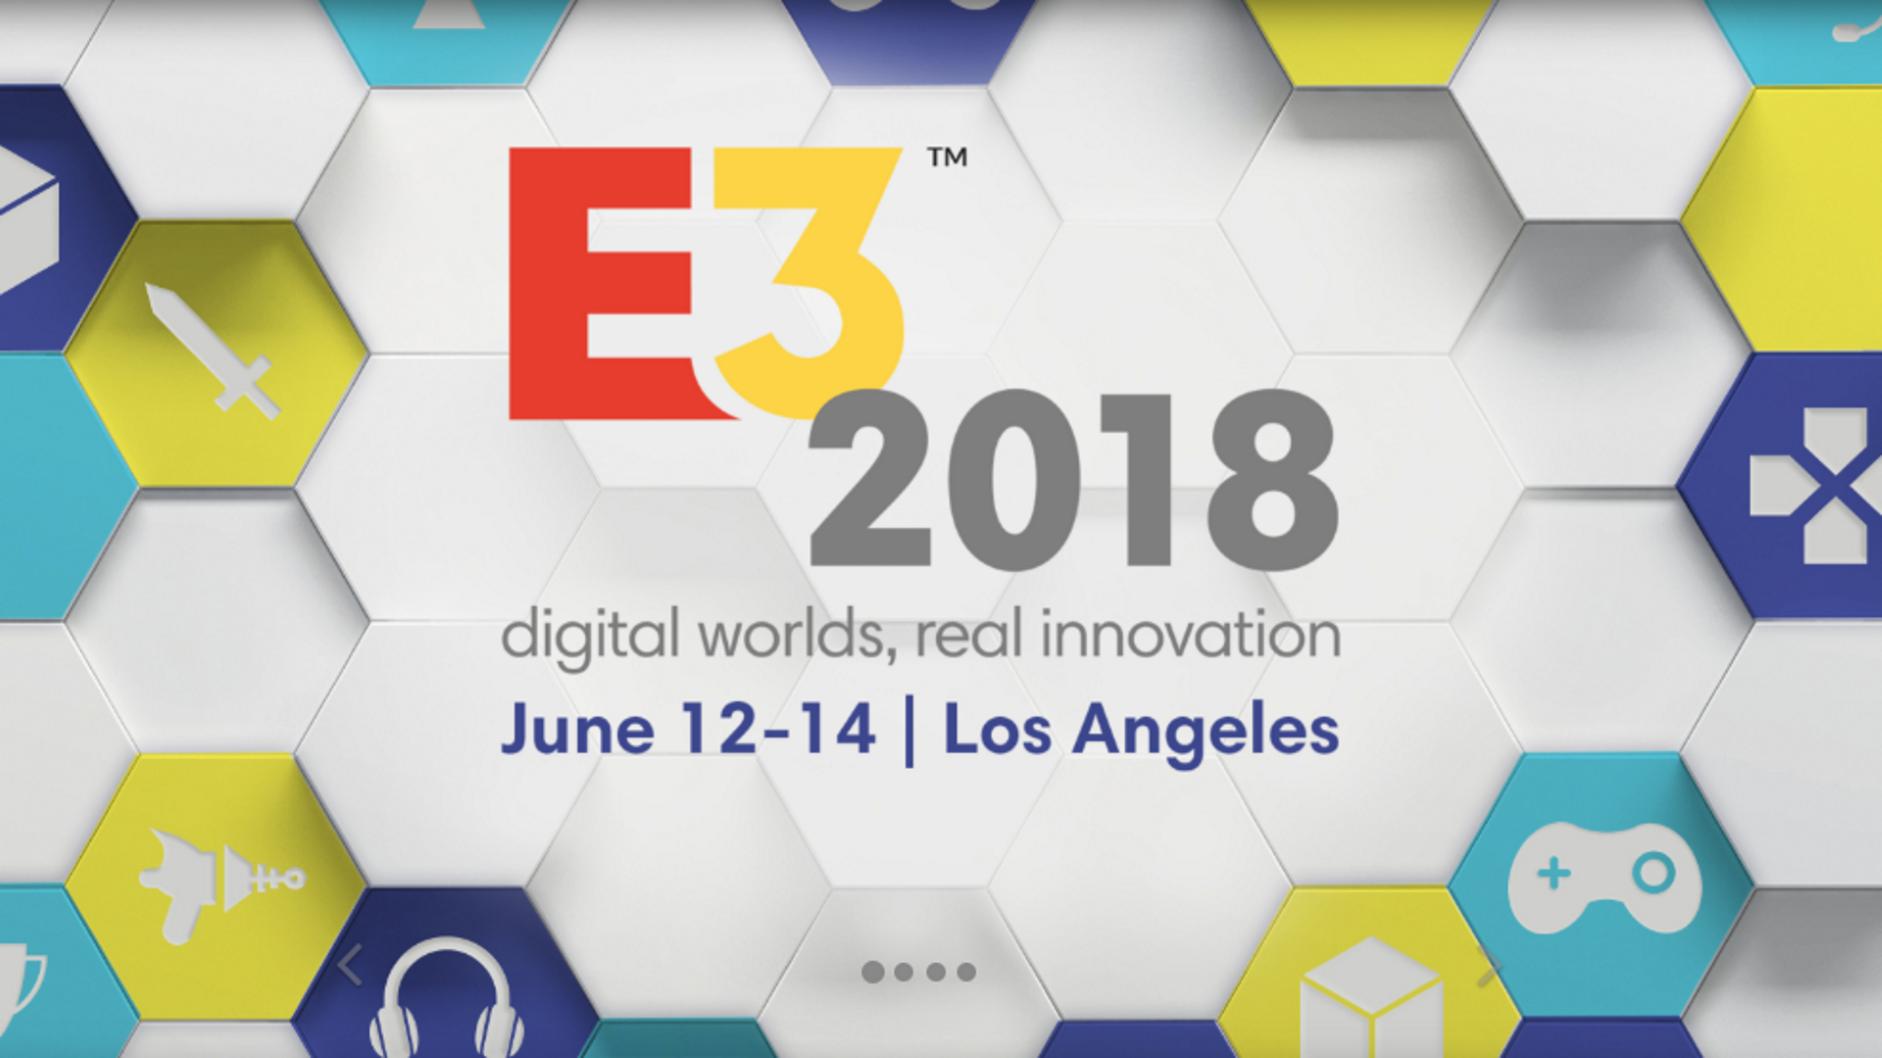 Fréquentation de l'E3 la plus élevée depuis 2005